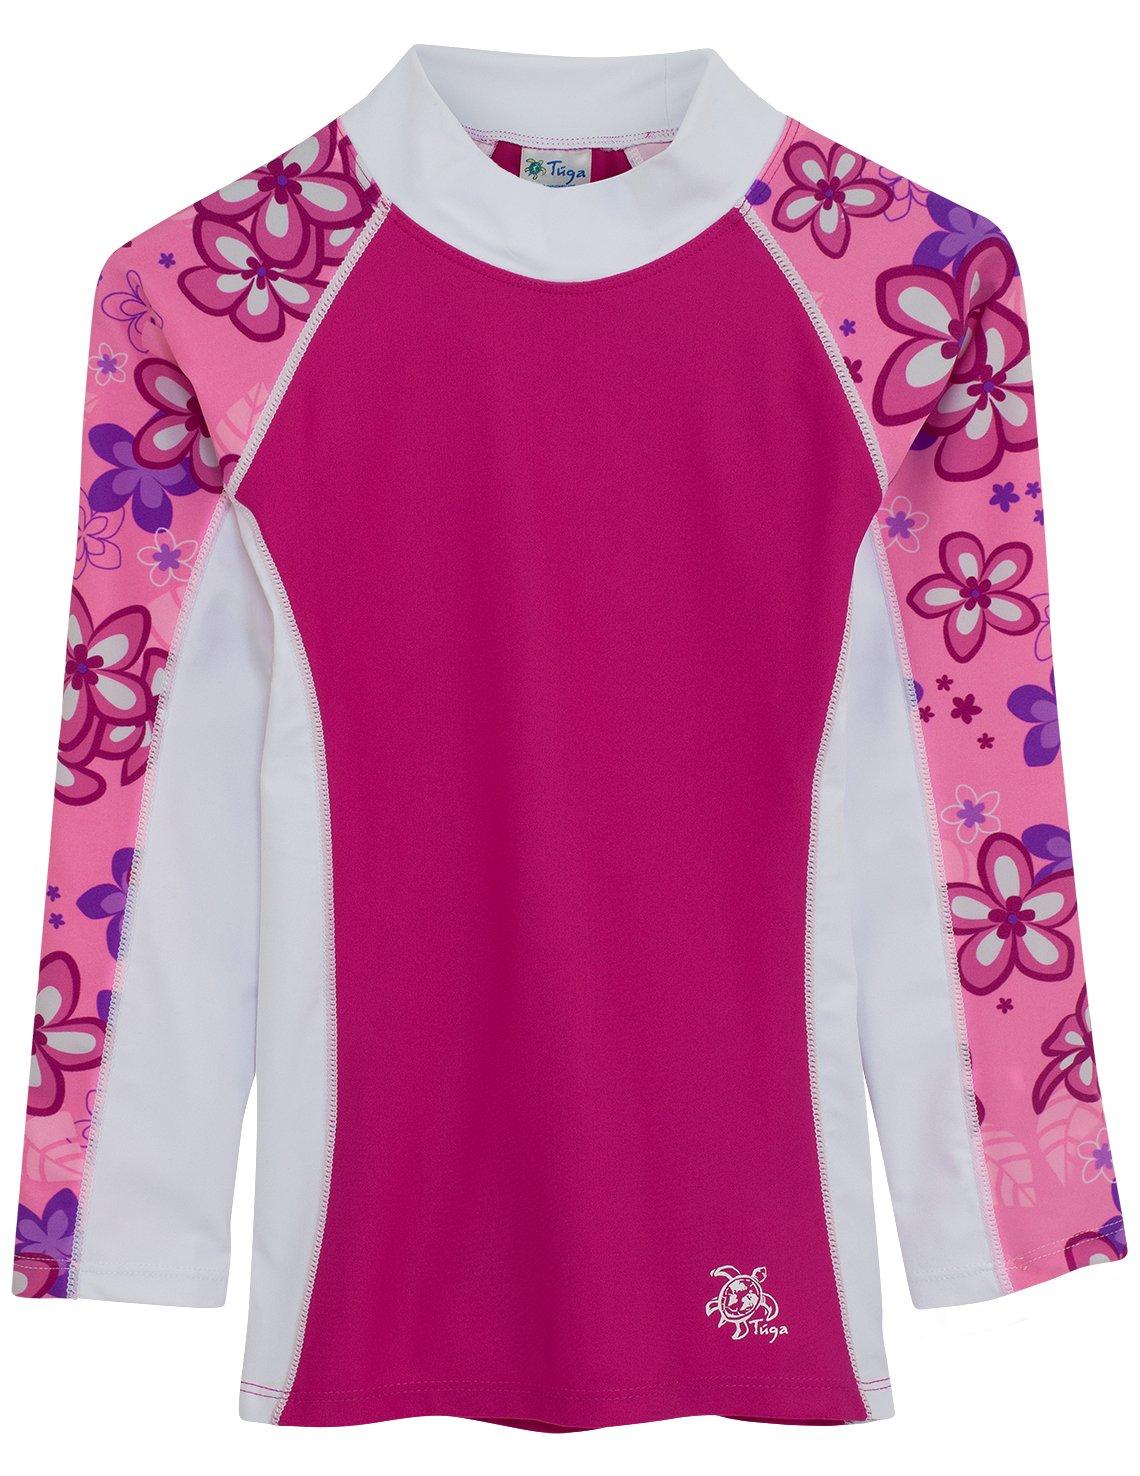 Tuga Girls Shoreline L/S Rash Guard (UPF 50+), Blossom Pink, 6/12 mos